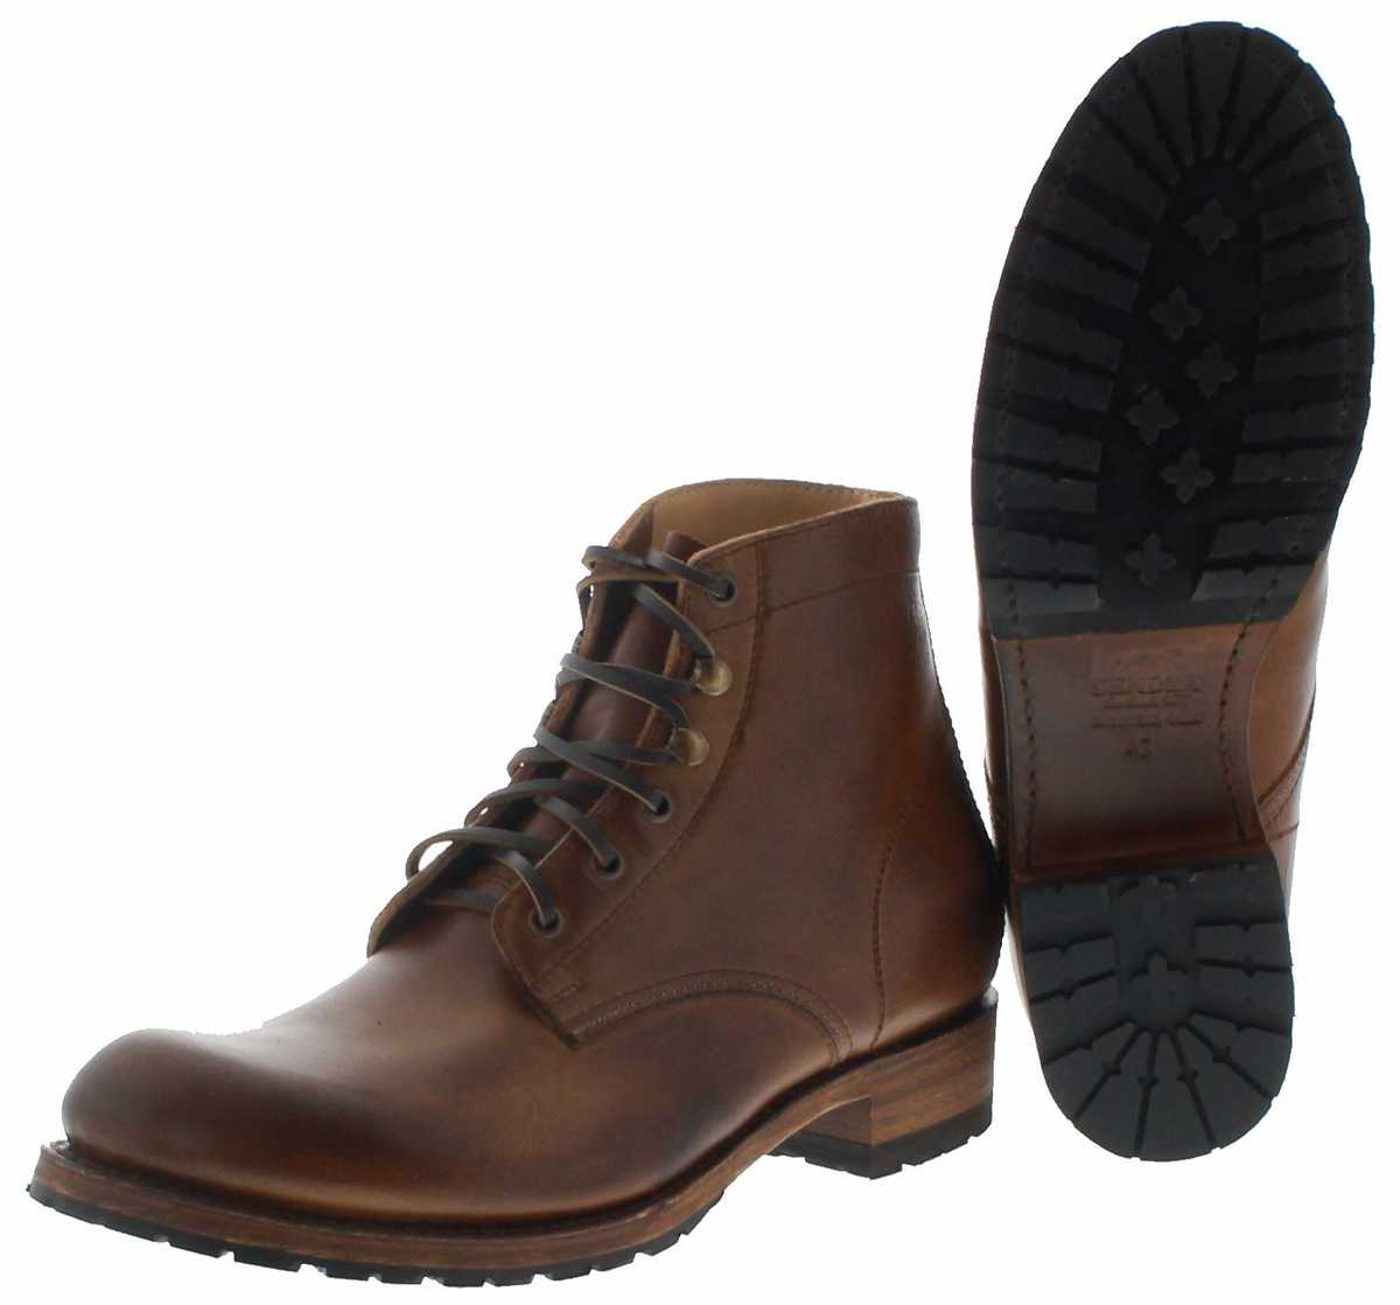 Sendra Boots 10604 Lighting Tang Herren Schnürstiefel braun